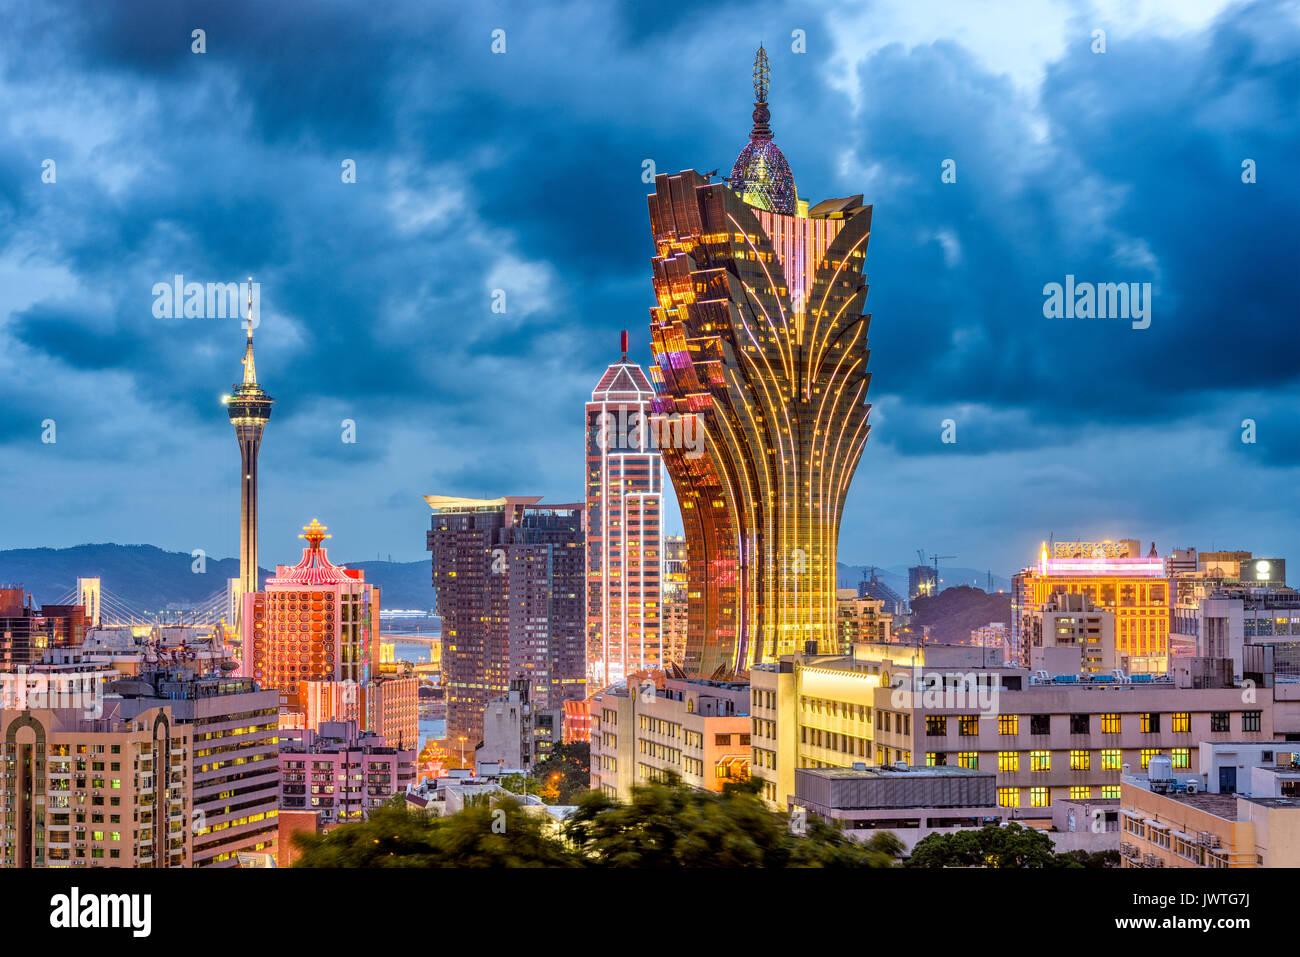 Macau, China city skyline at dusk. - Stock Image